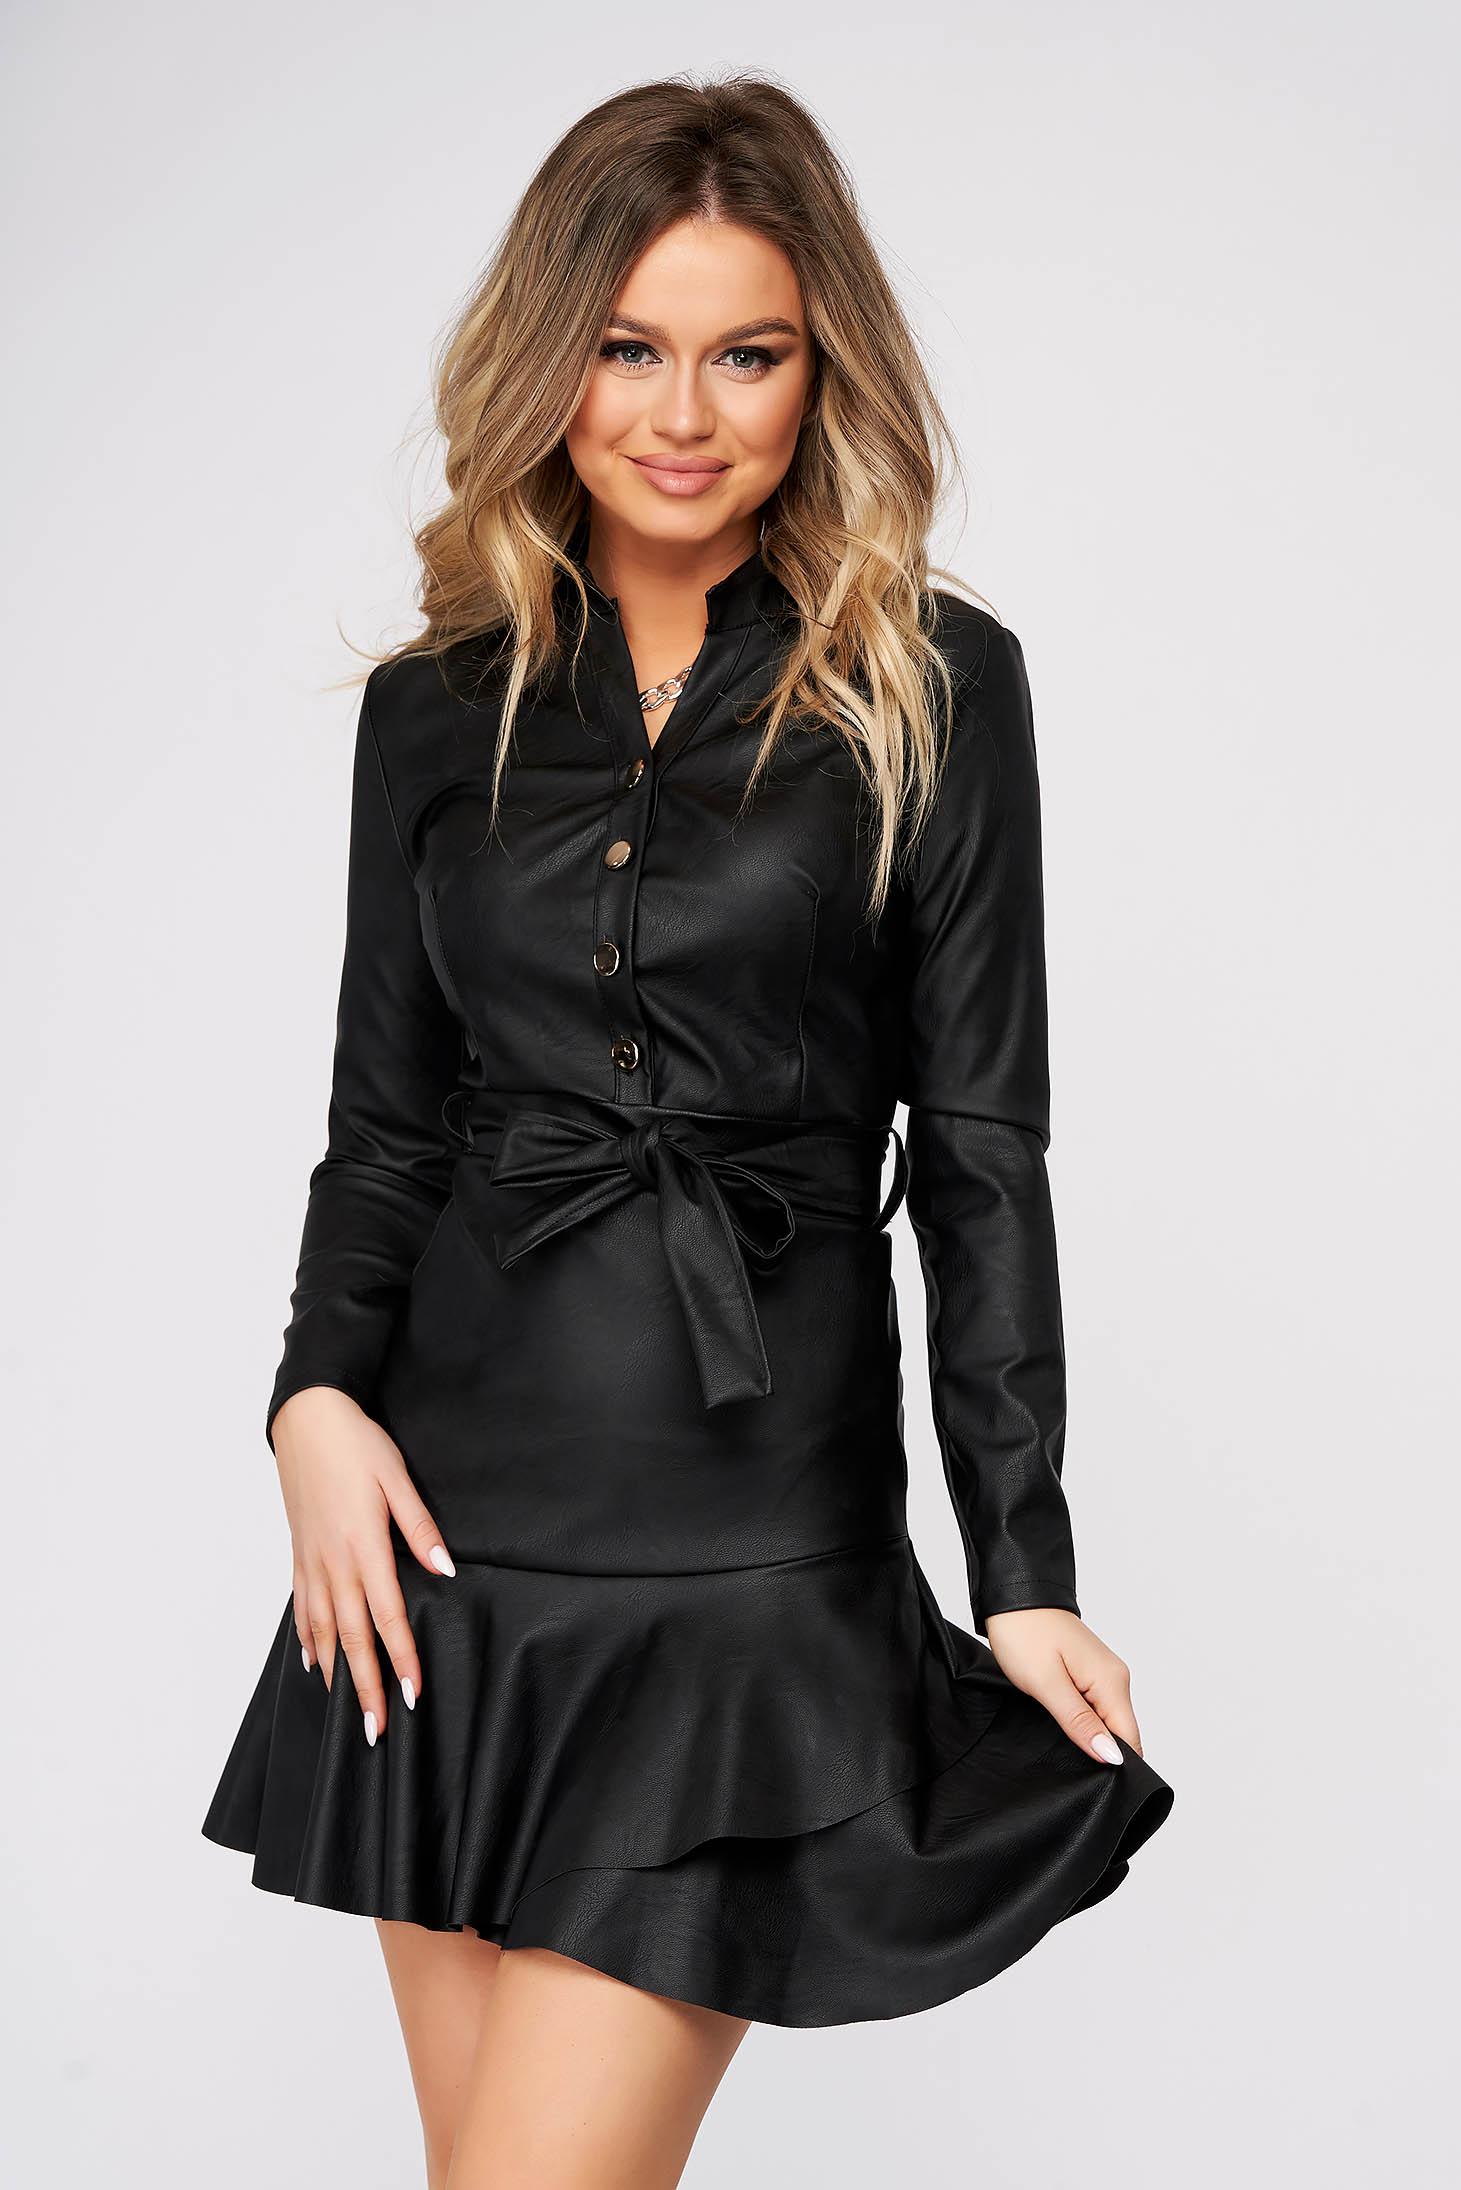 Fekete hétköznapi műbőr harang ruha övvel ellátva fodrok a ruha alján